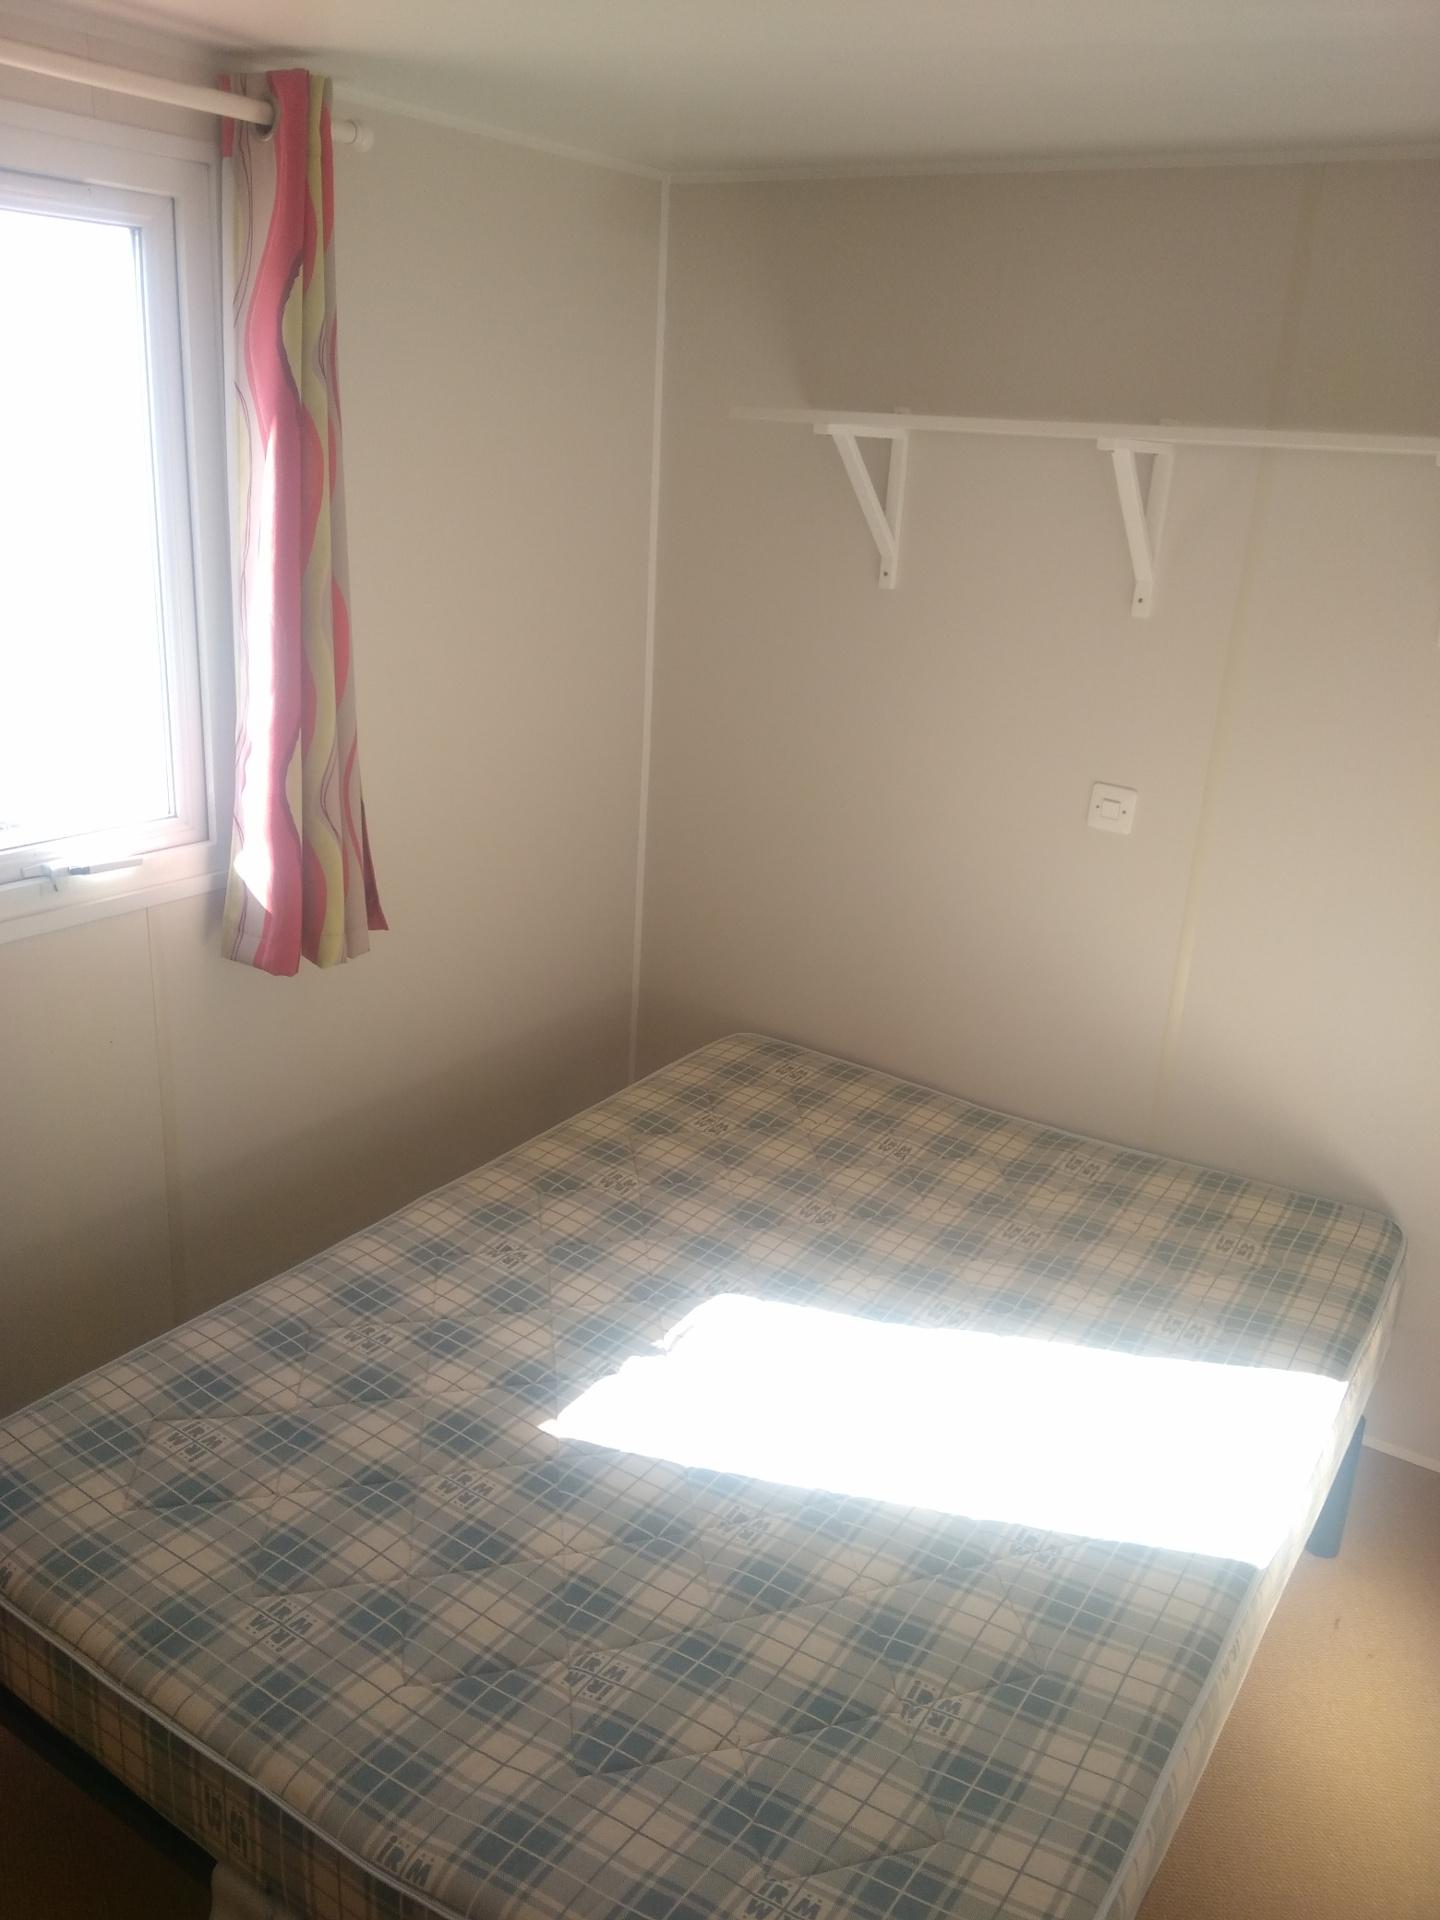 O'Phéa 734 – O'hara 2 chambres – 2005